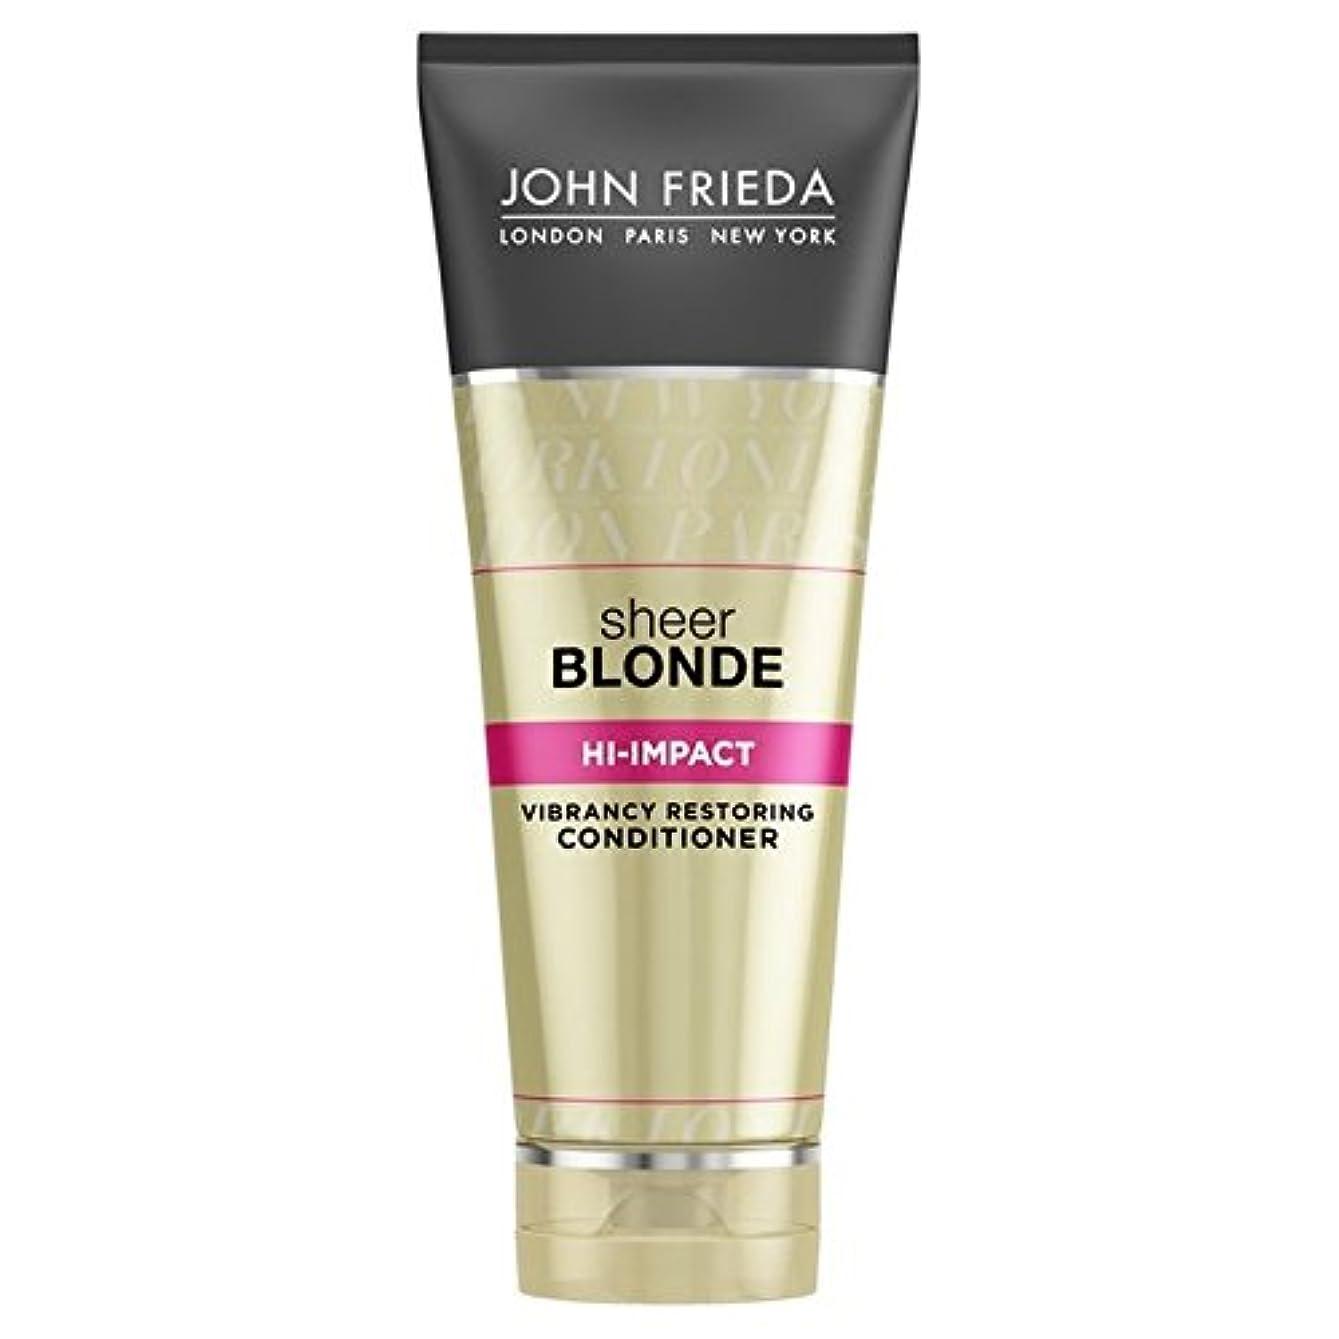 John Frieda Sheer Blonde Hi Impact Conditioner 250ml - ジョン?フリーダ膨大なブロンドハイインパクトコンディショナー250 [並行輸入品]